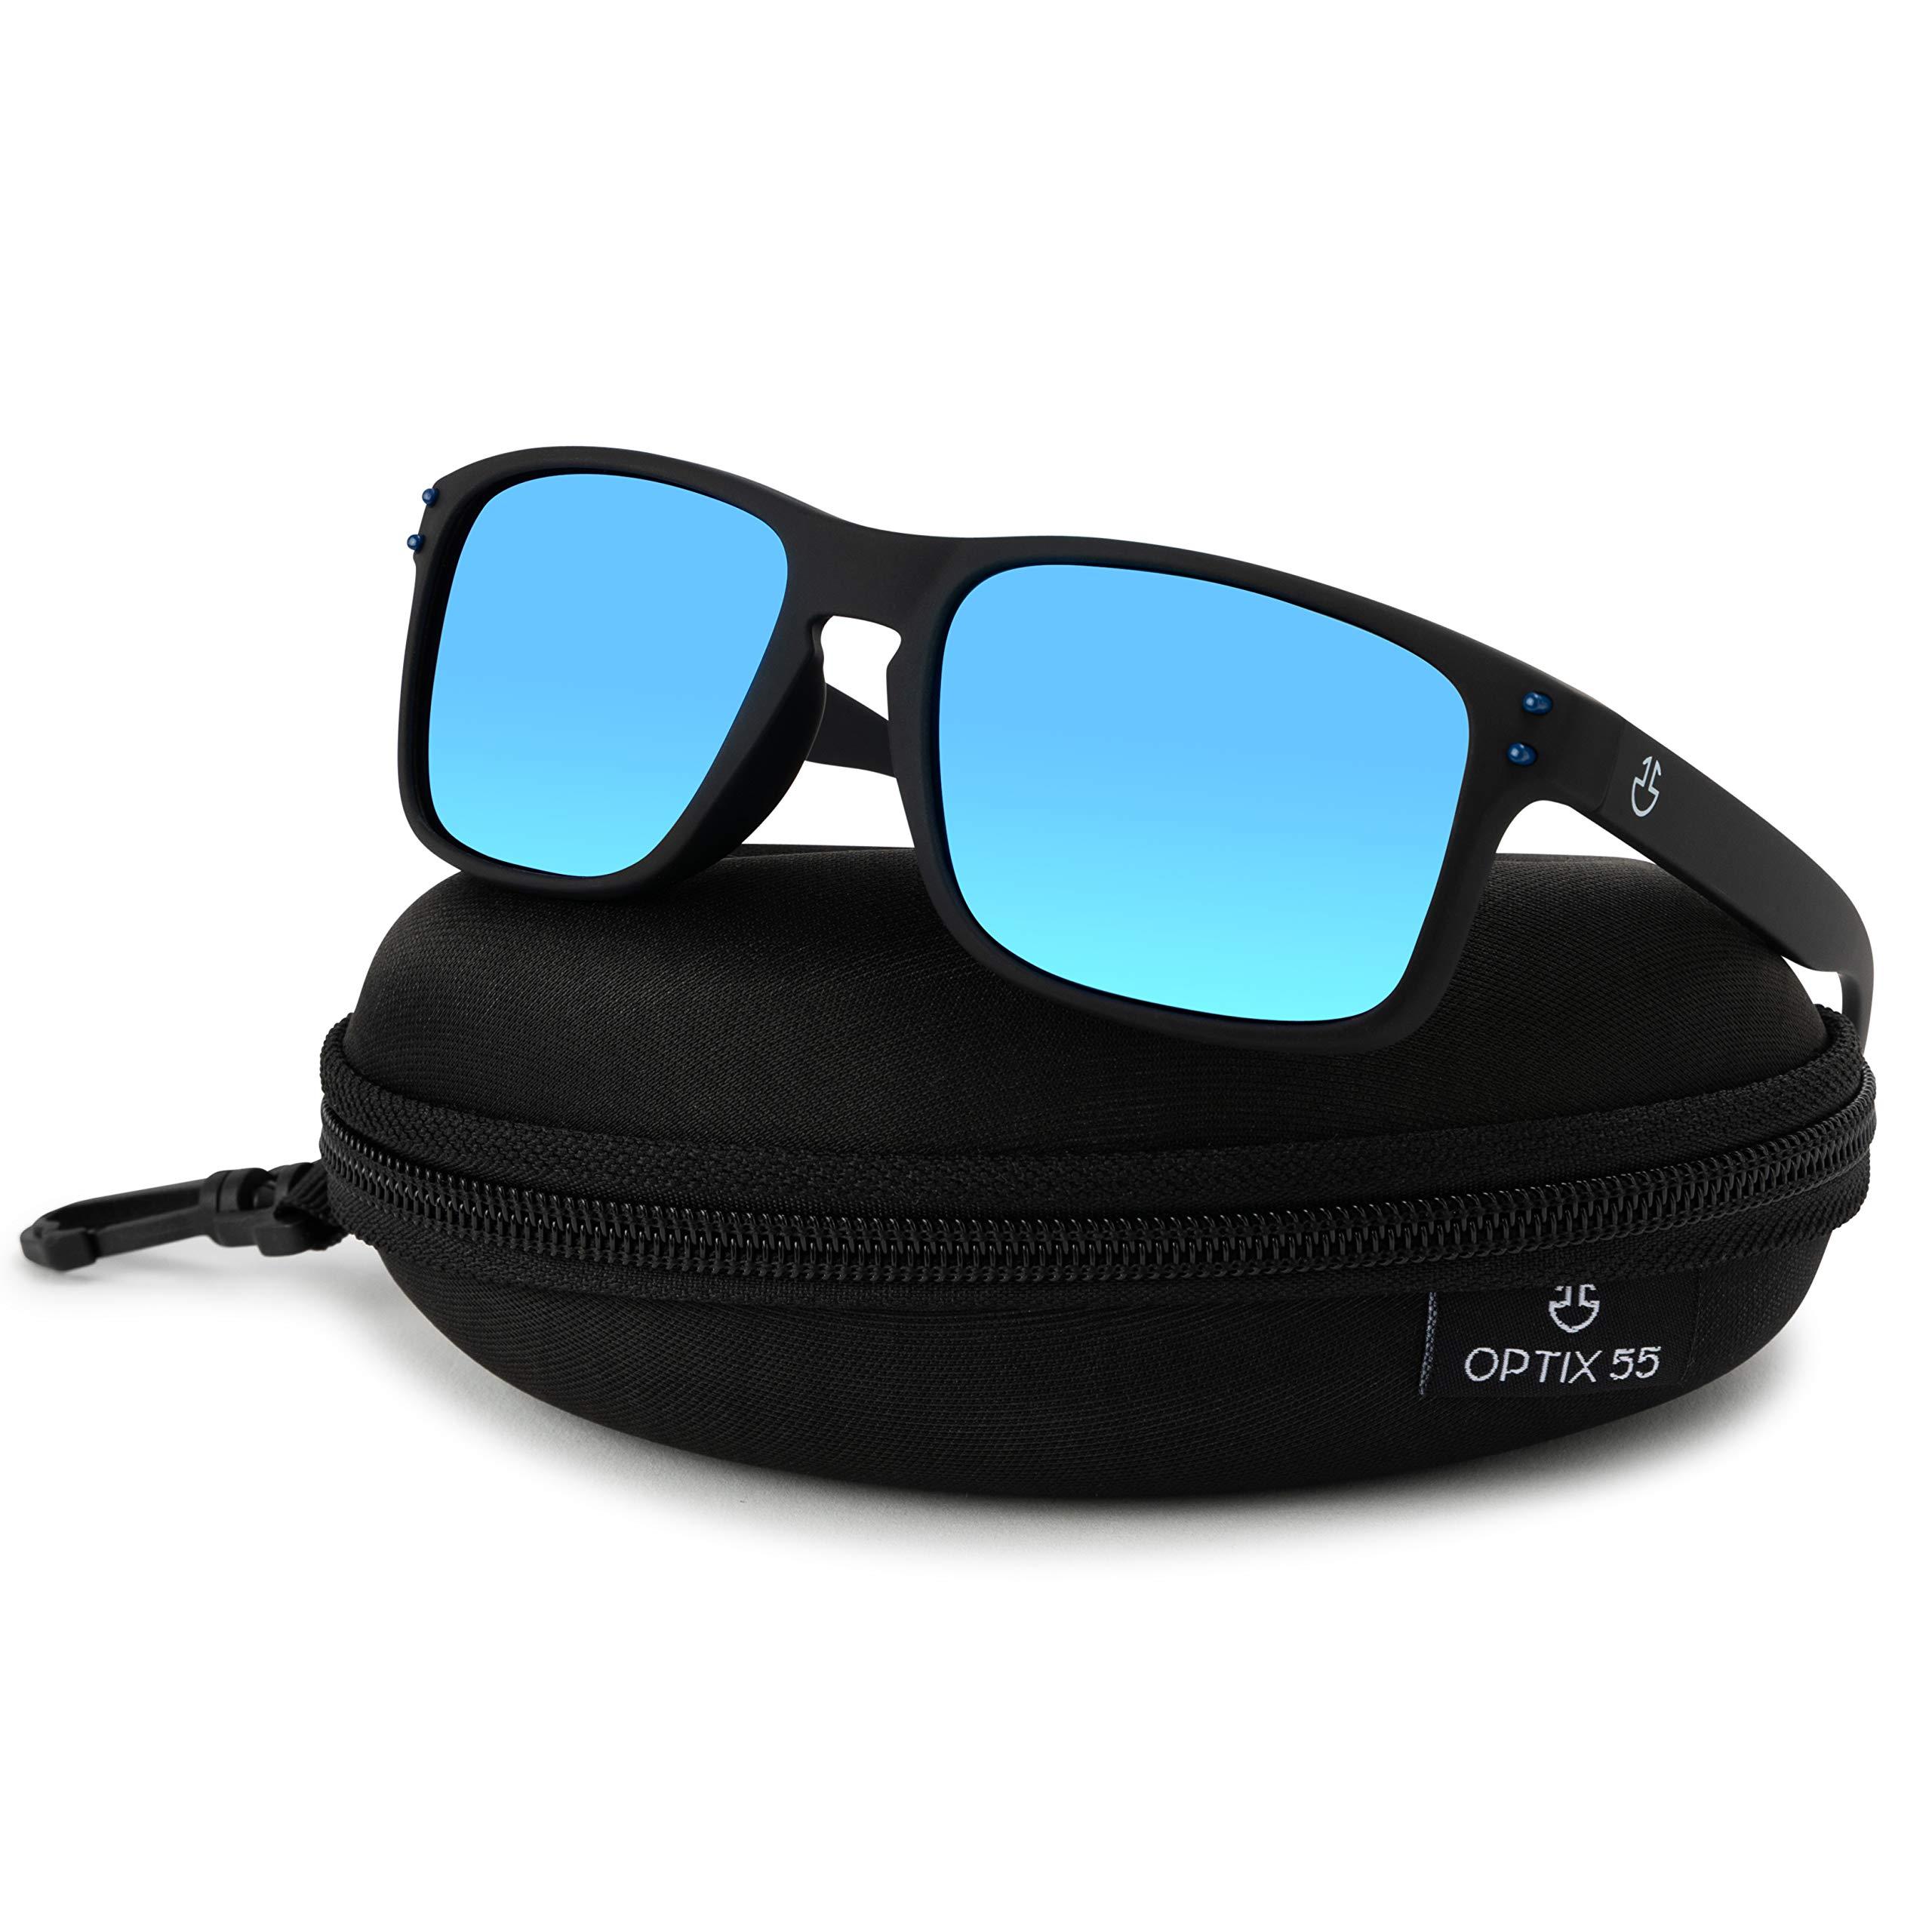 オプティクス55人の男性偏光サングラスレトロサングラス偏光レンズREVOコーティングはボックスを備えたPCのフレームとゴム表面ファッションスクエアメガネで